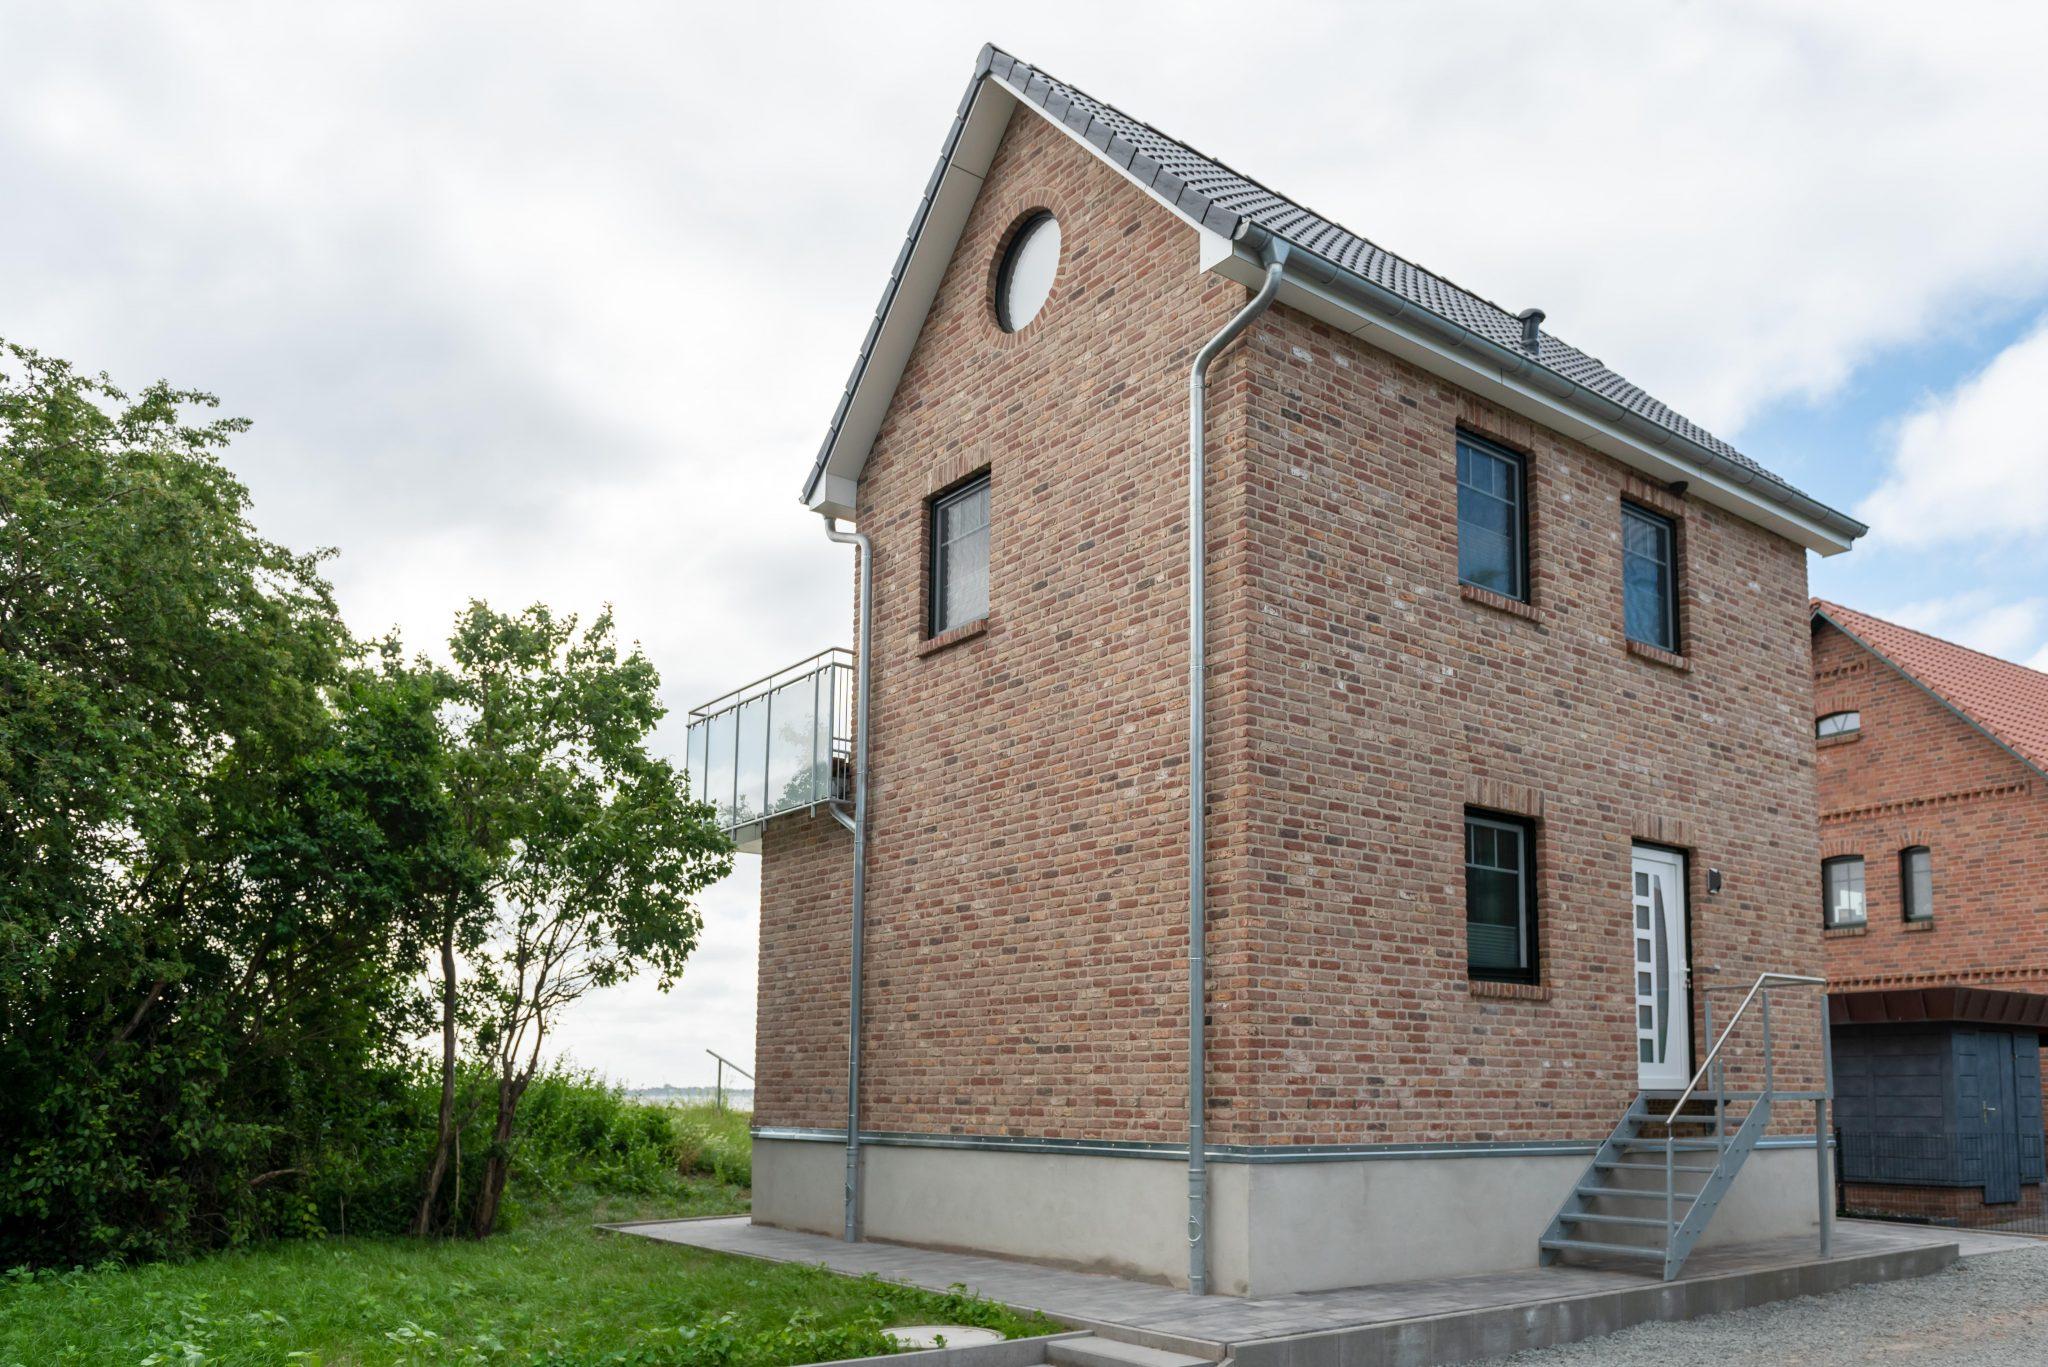 27062019Scheel_Brauhaus-4715